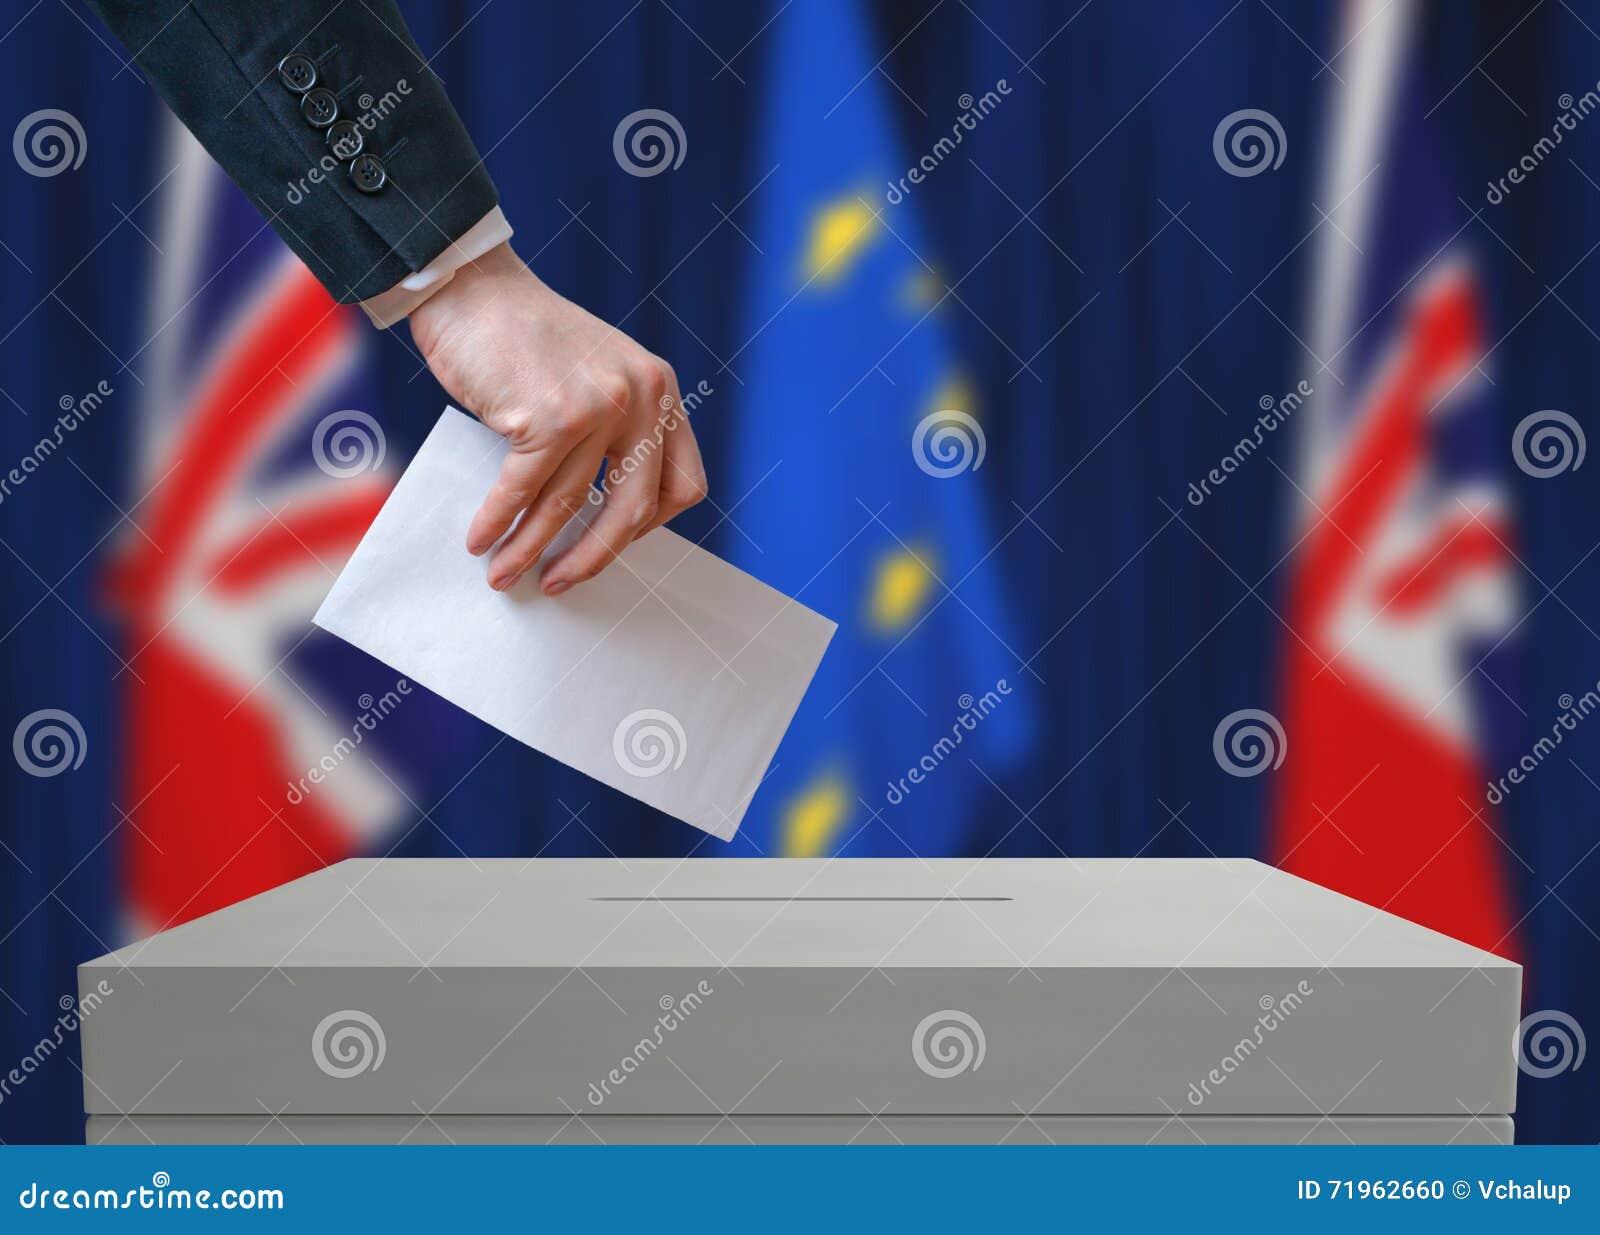 Εκλογή ή δημοψήφισμα στη Μεγάλη Βρετανία Ο ψηφοφόρος κρατά το φάκελο διαθέσιμο επάνω από την ψήφο ψηφοφορίας